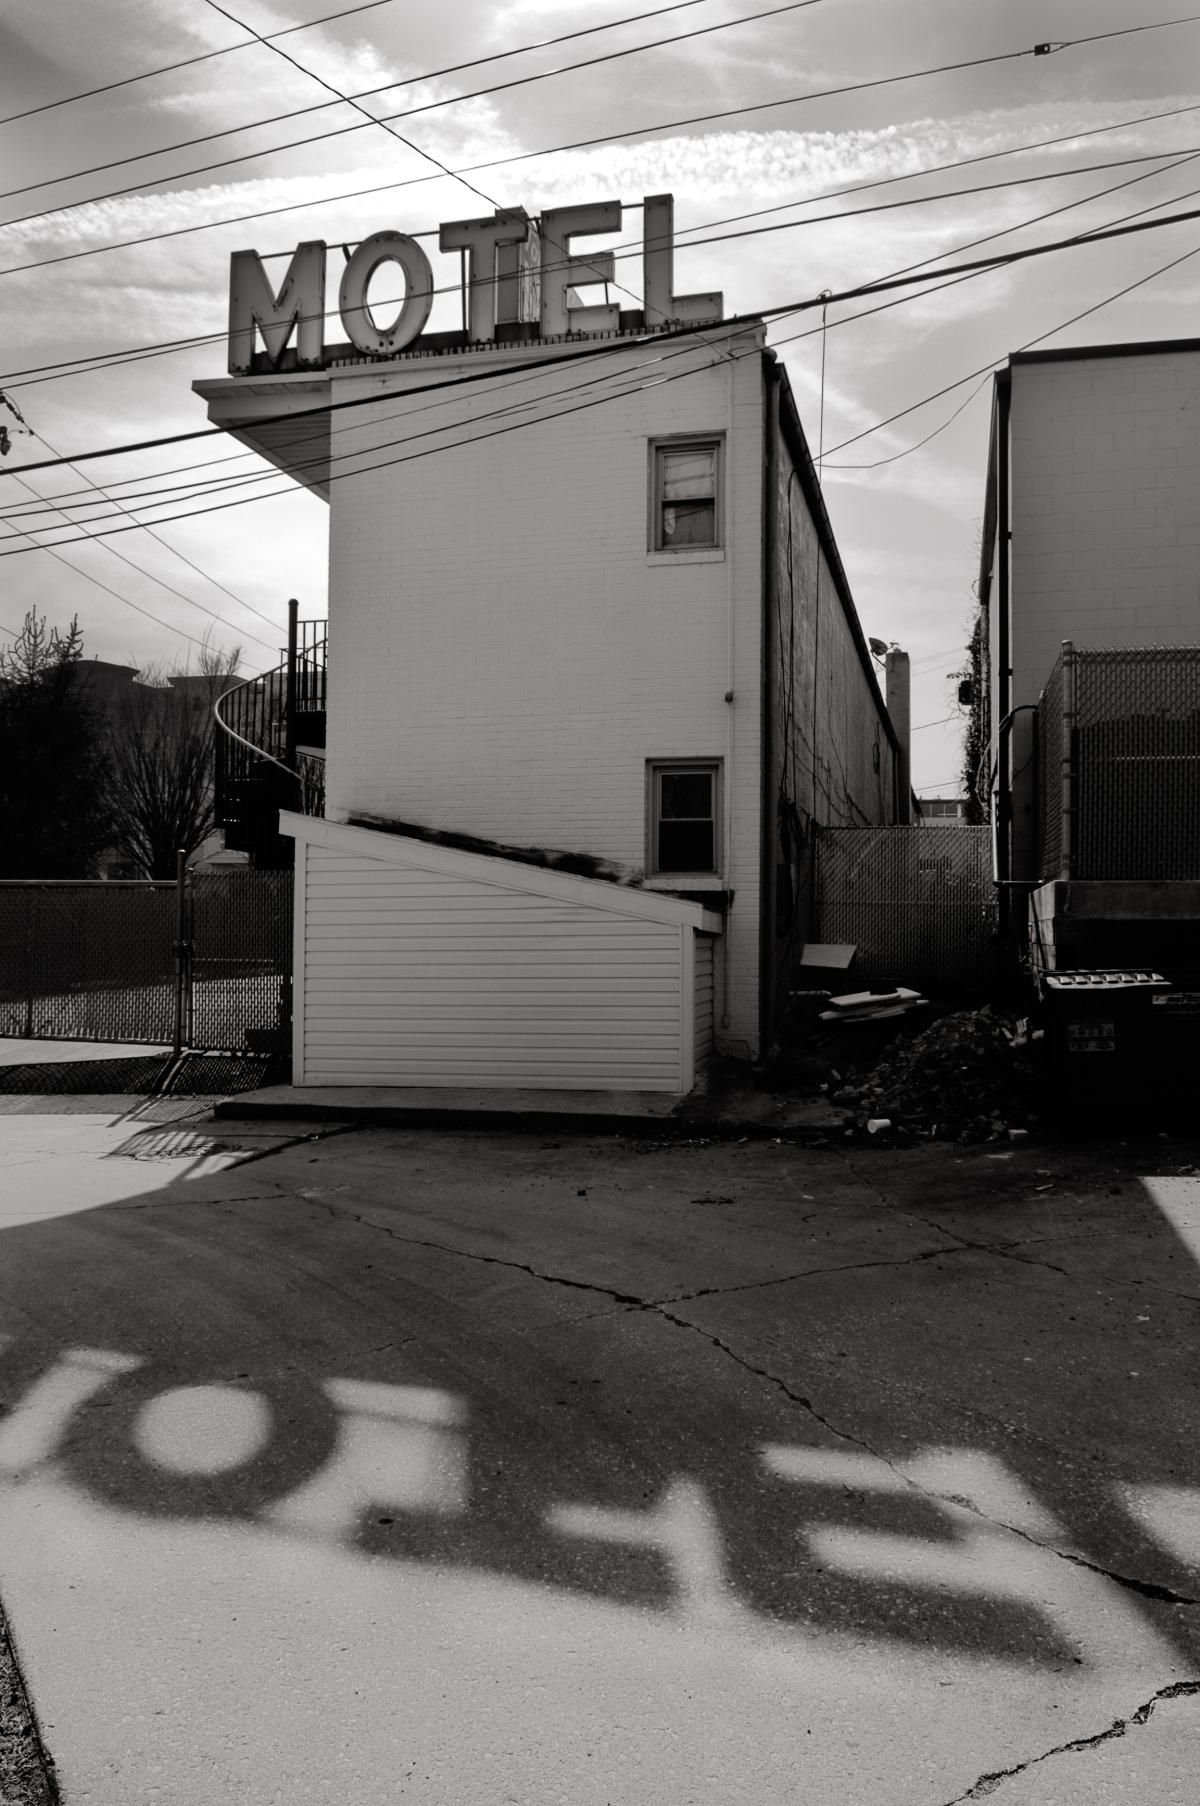 Motel Shadow